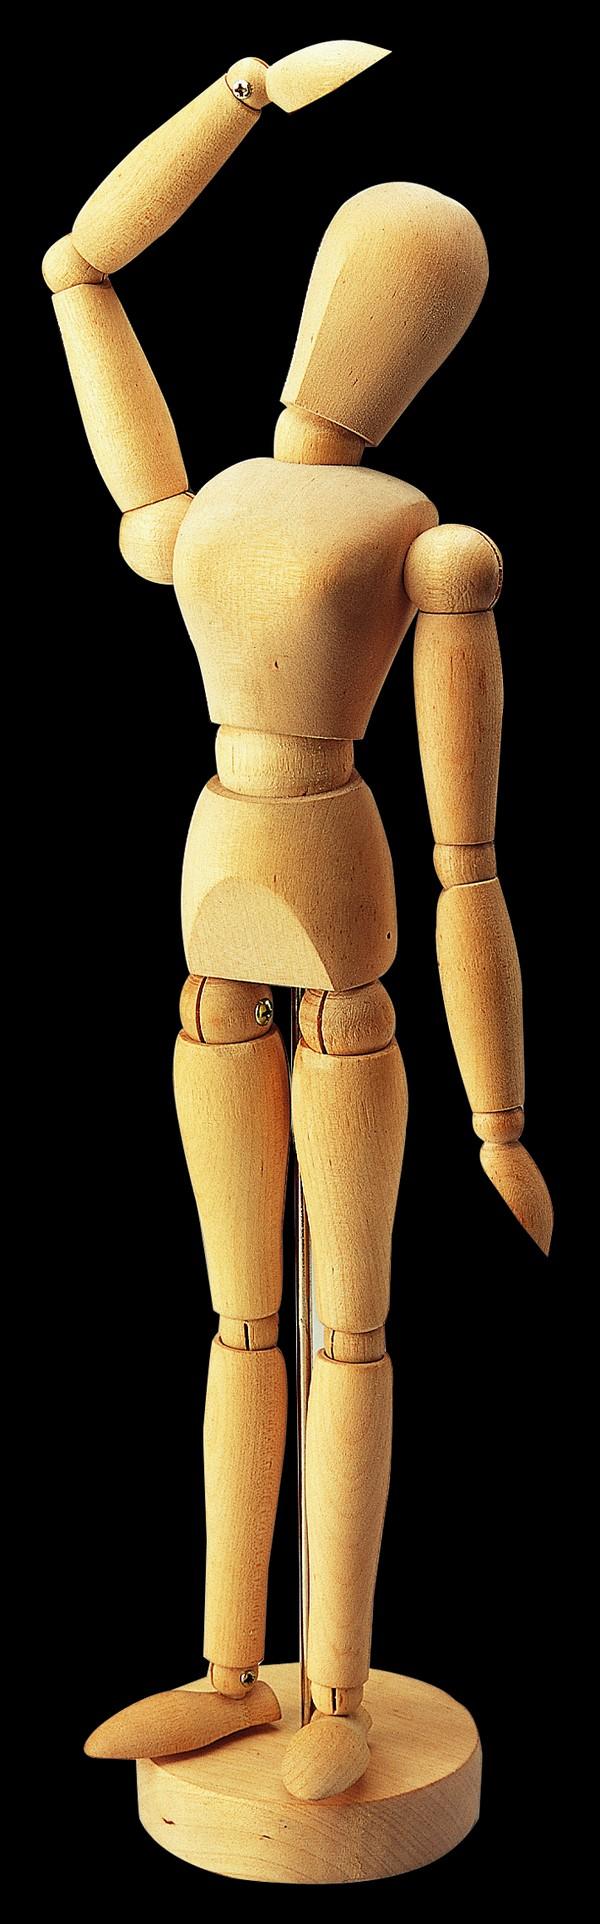 木头人图片-静物图 挥手